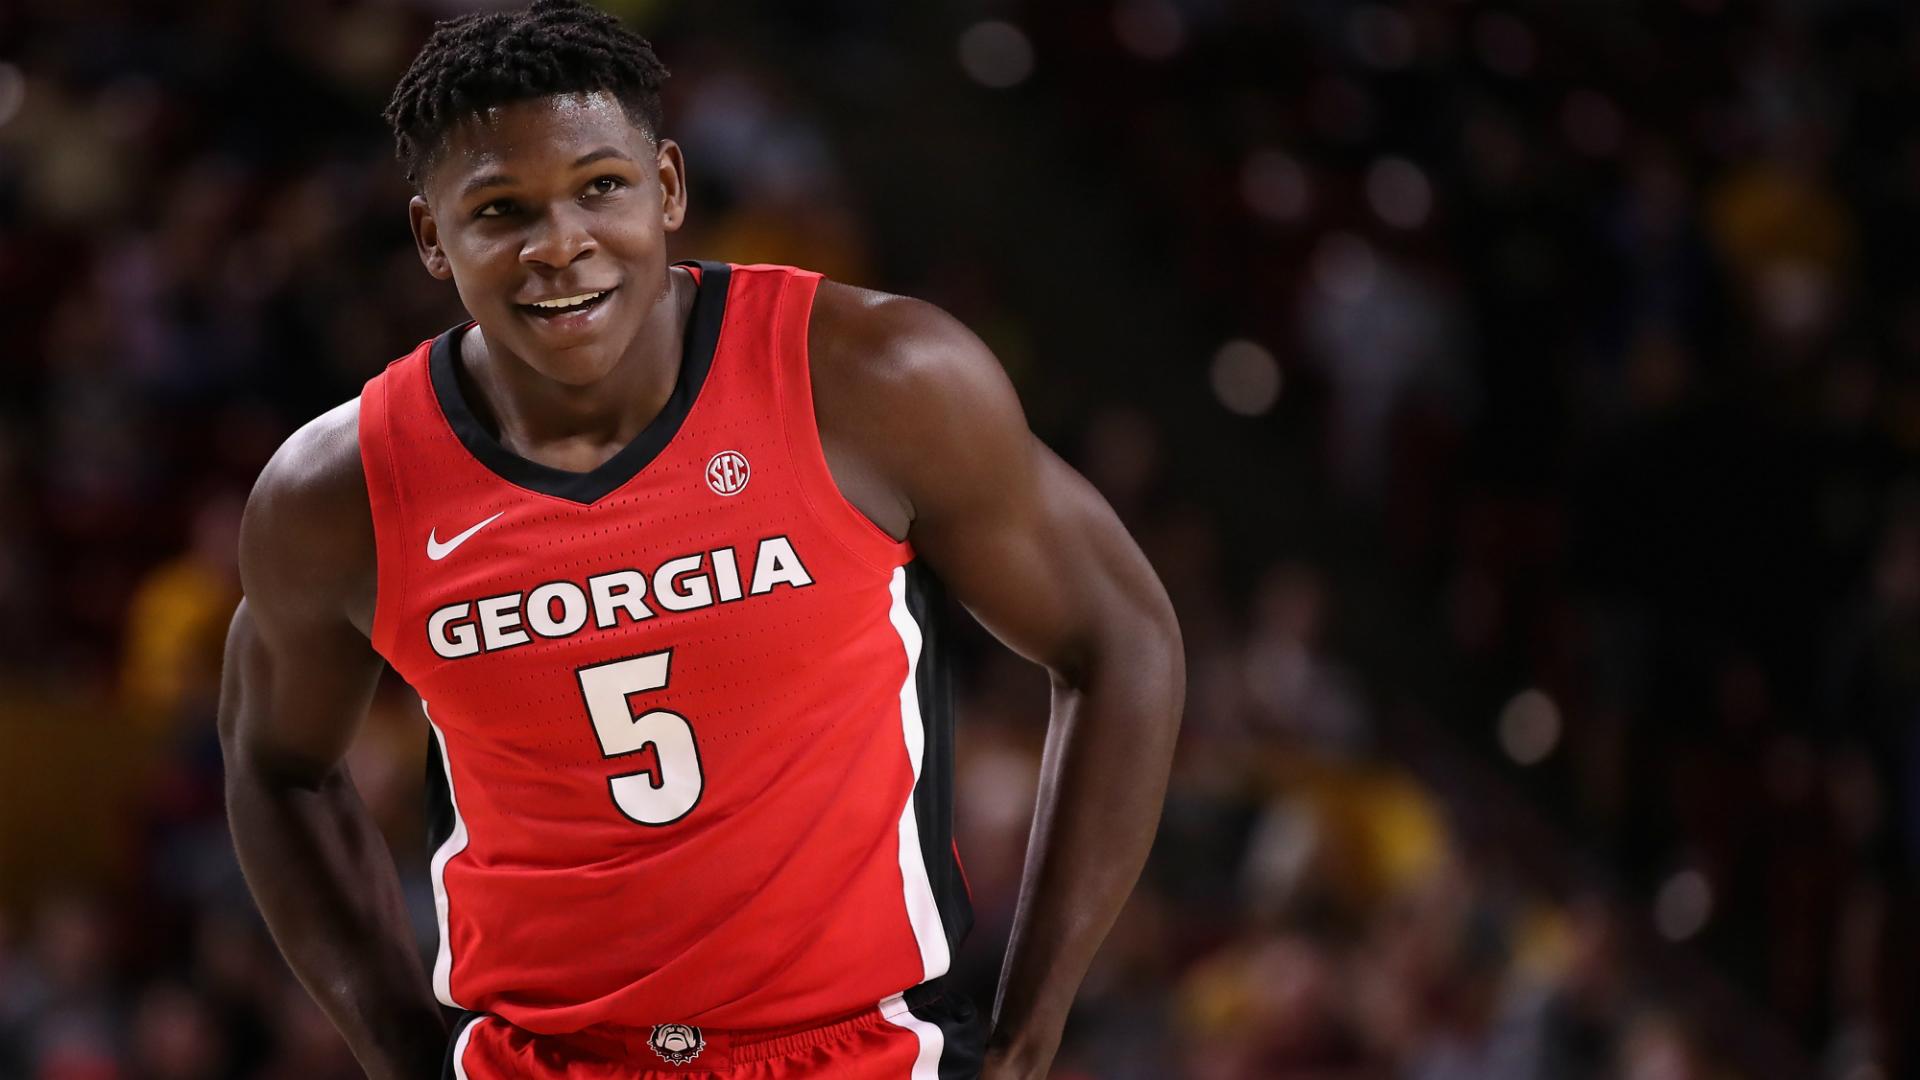 NBA Draft prospects 2020: Seguimiento de la lista de entrada temprana de los mejores jugadores que han declarado 45